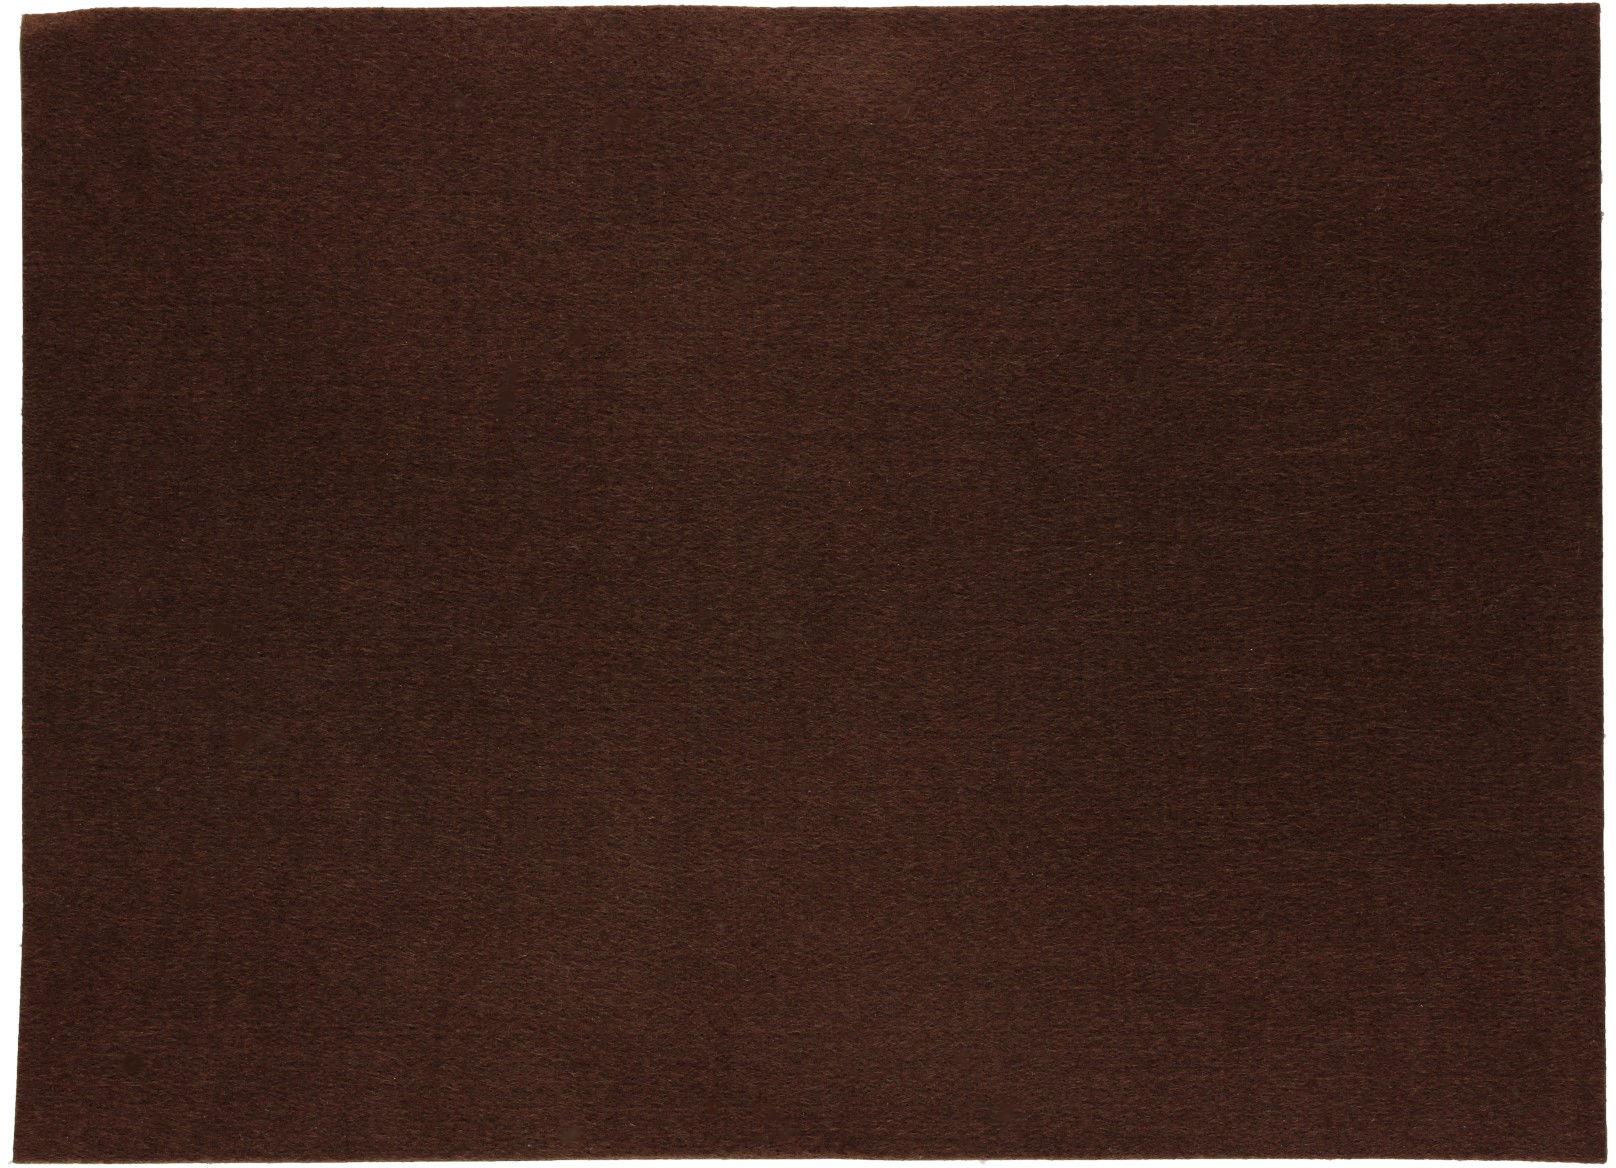 Filc samoprzylepny 30x40 brązowy